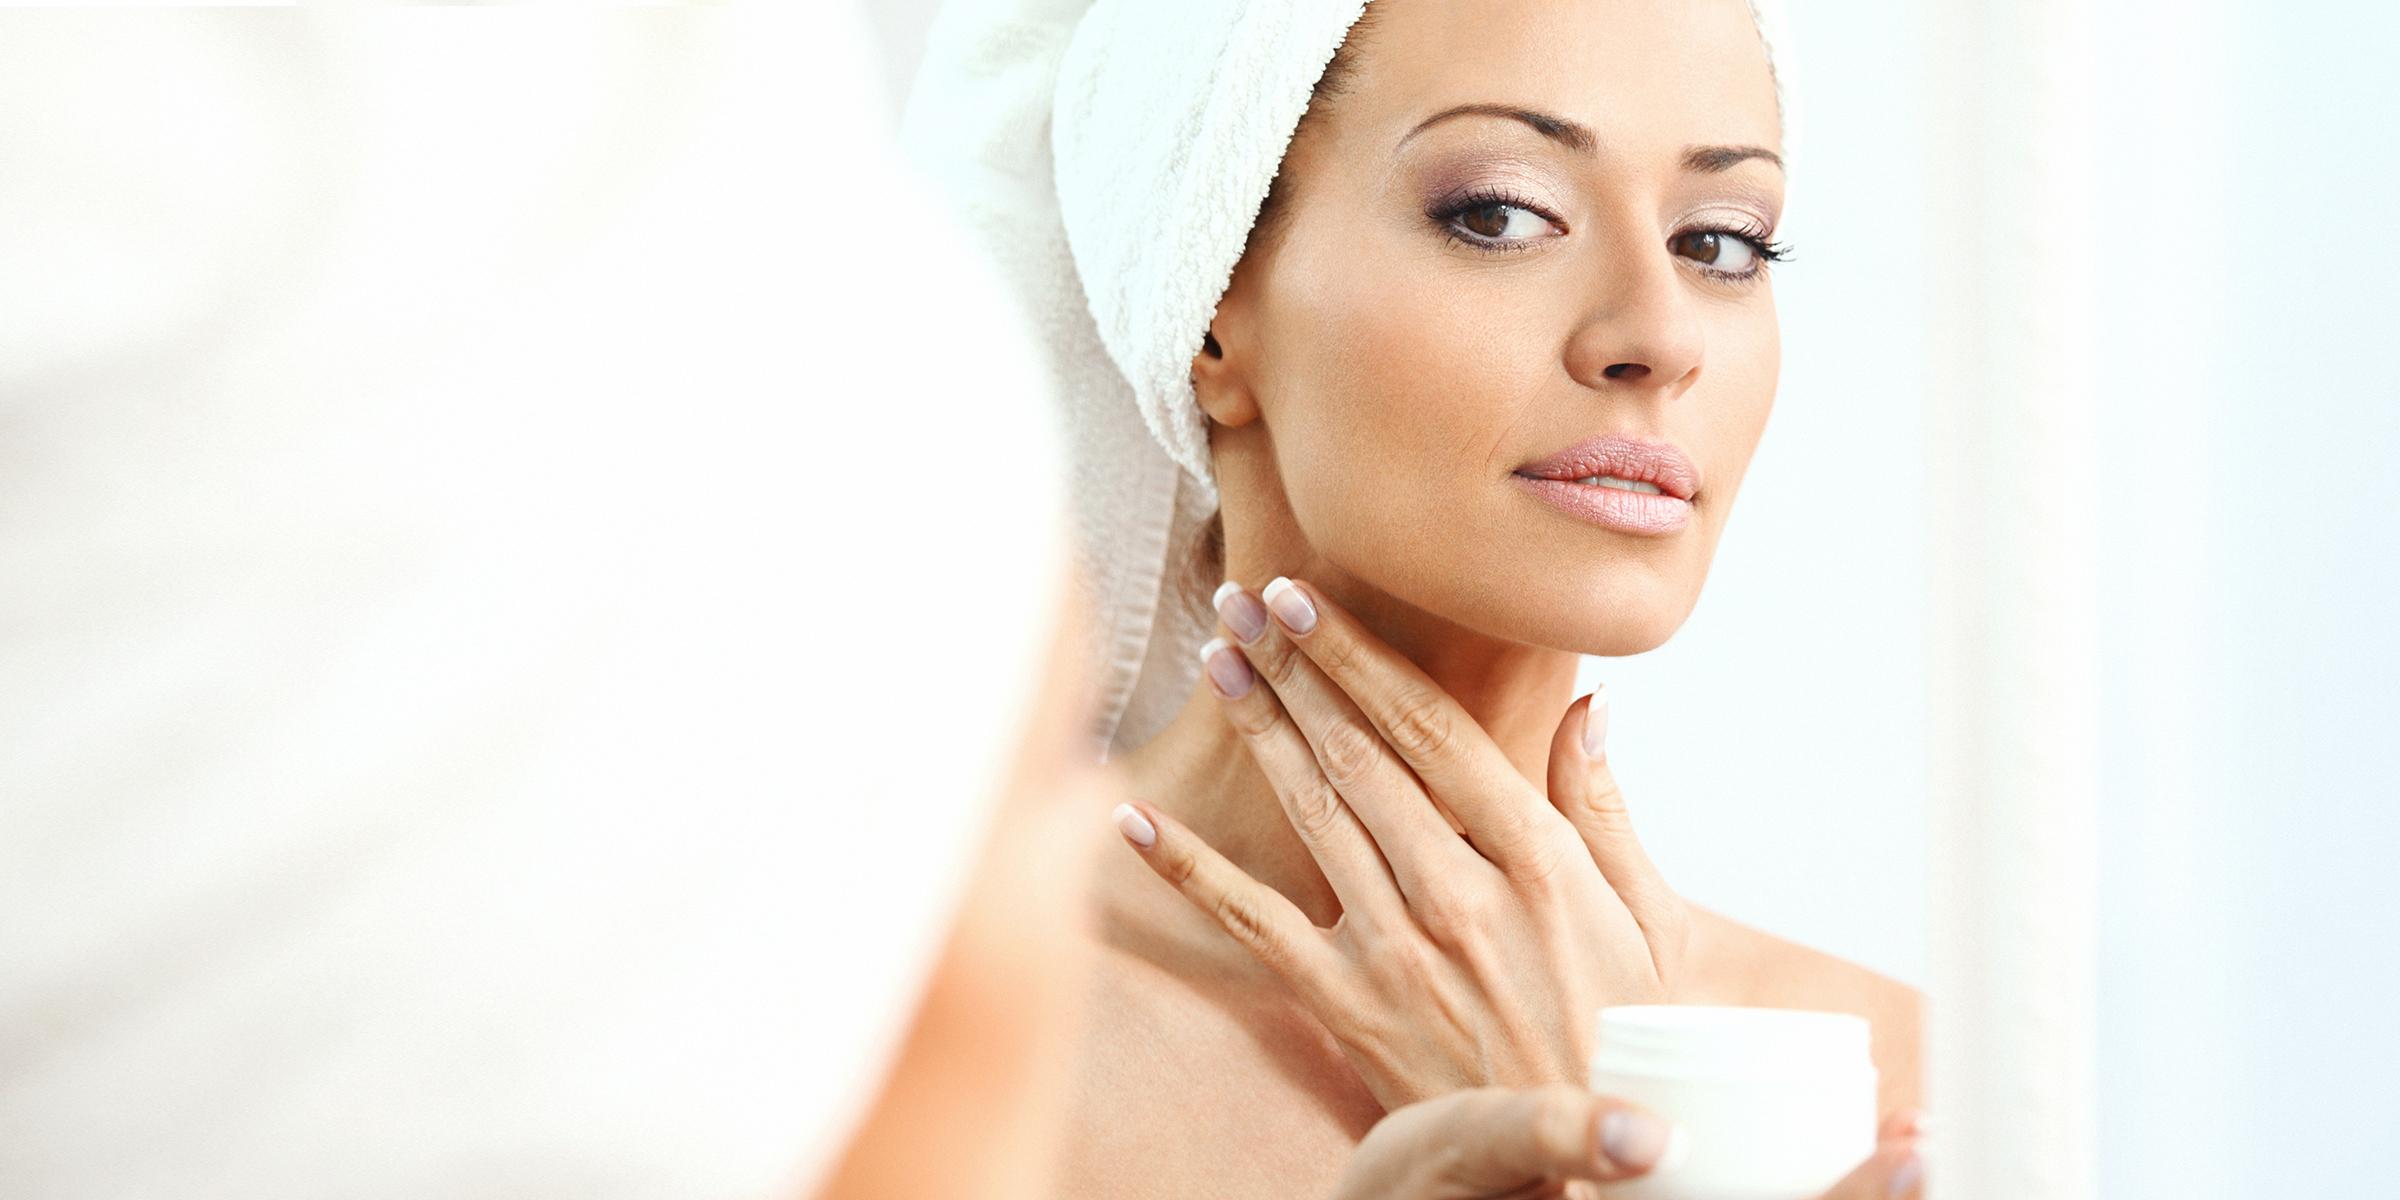 Is the Strivectin Neck Cream the best neck cream?